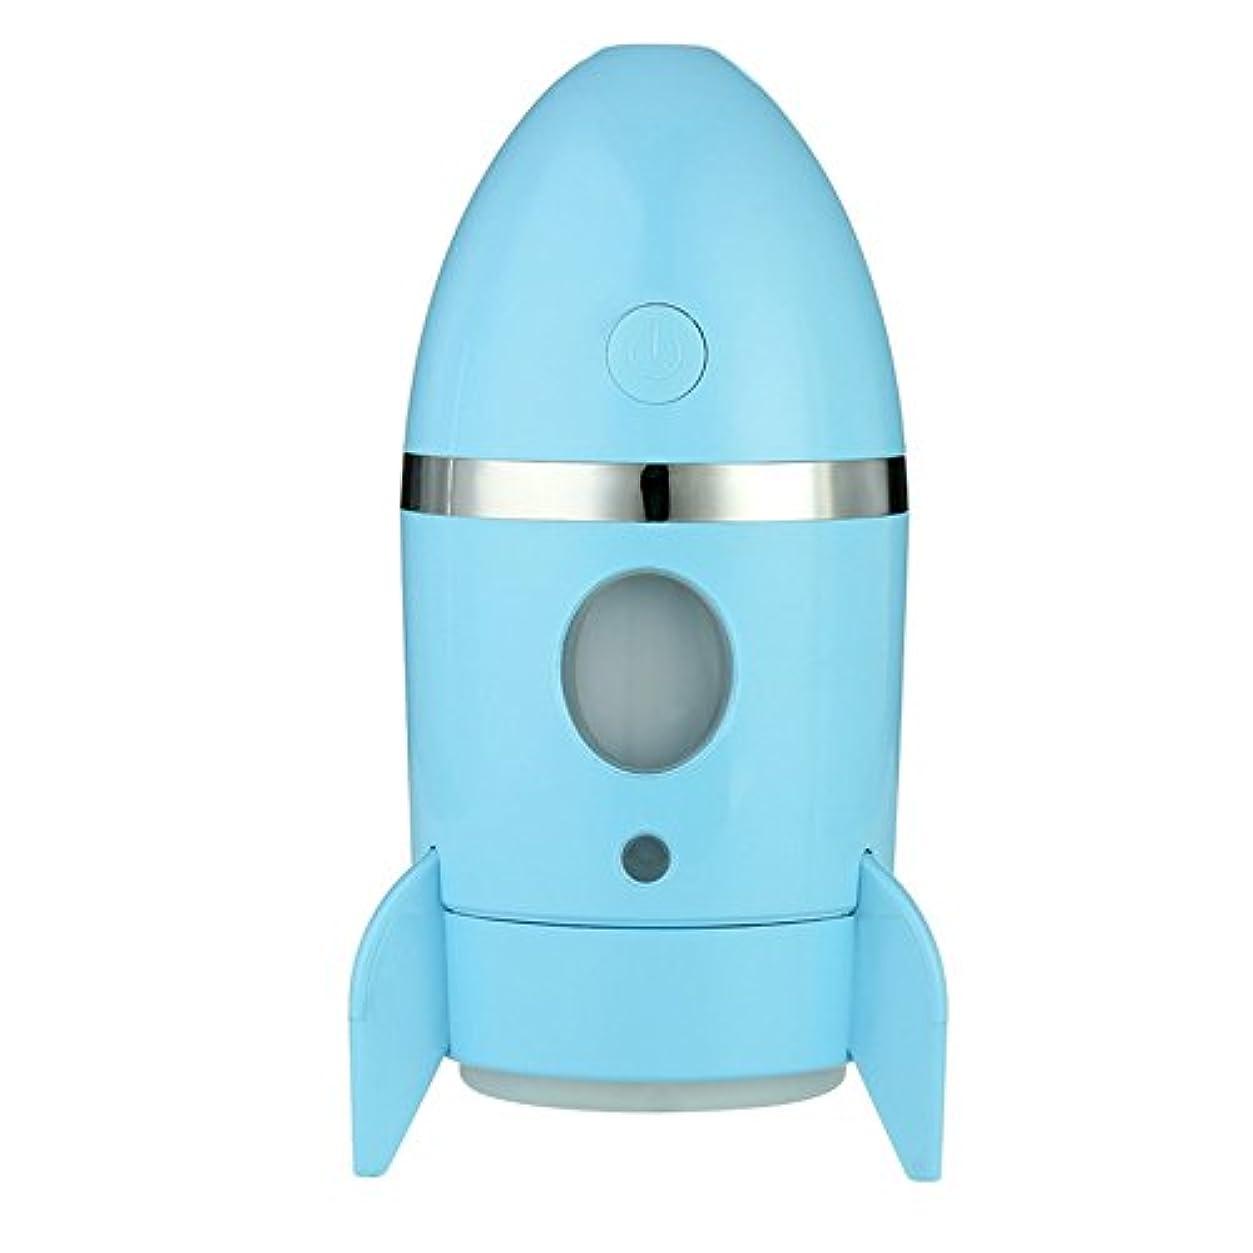 アプトホバー藤色Lazayyii USBミニ加湿器 超音波 エッセンシャルオイル ミスト (ブルー)